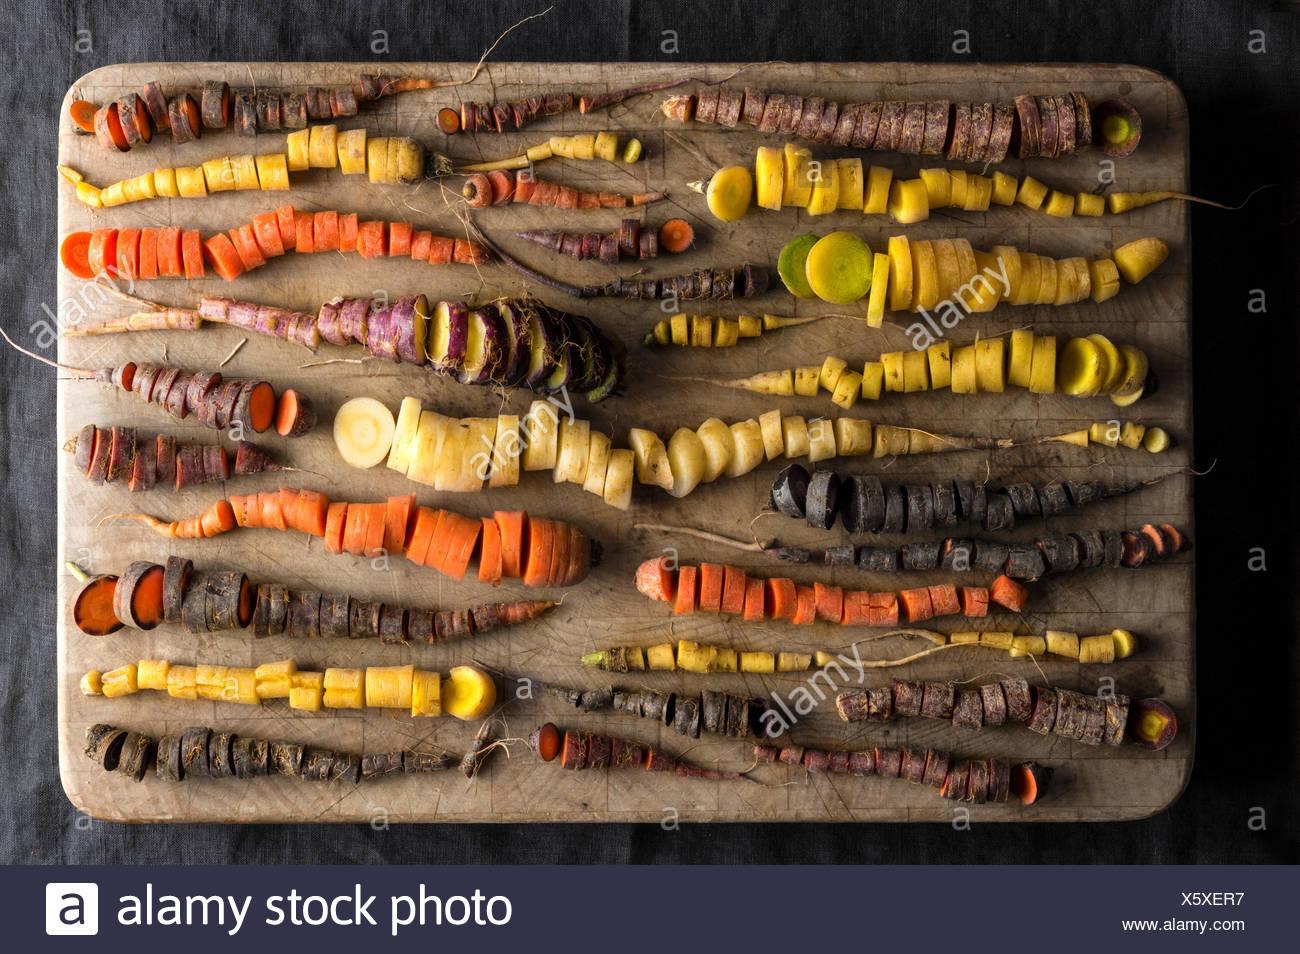 Ein Array von Rainbow Karotten in vielen Formen und Farben, alle fein auf einen verschlissenen Holz Hackklotz gehackt. Stockfoto